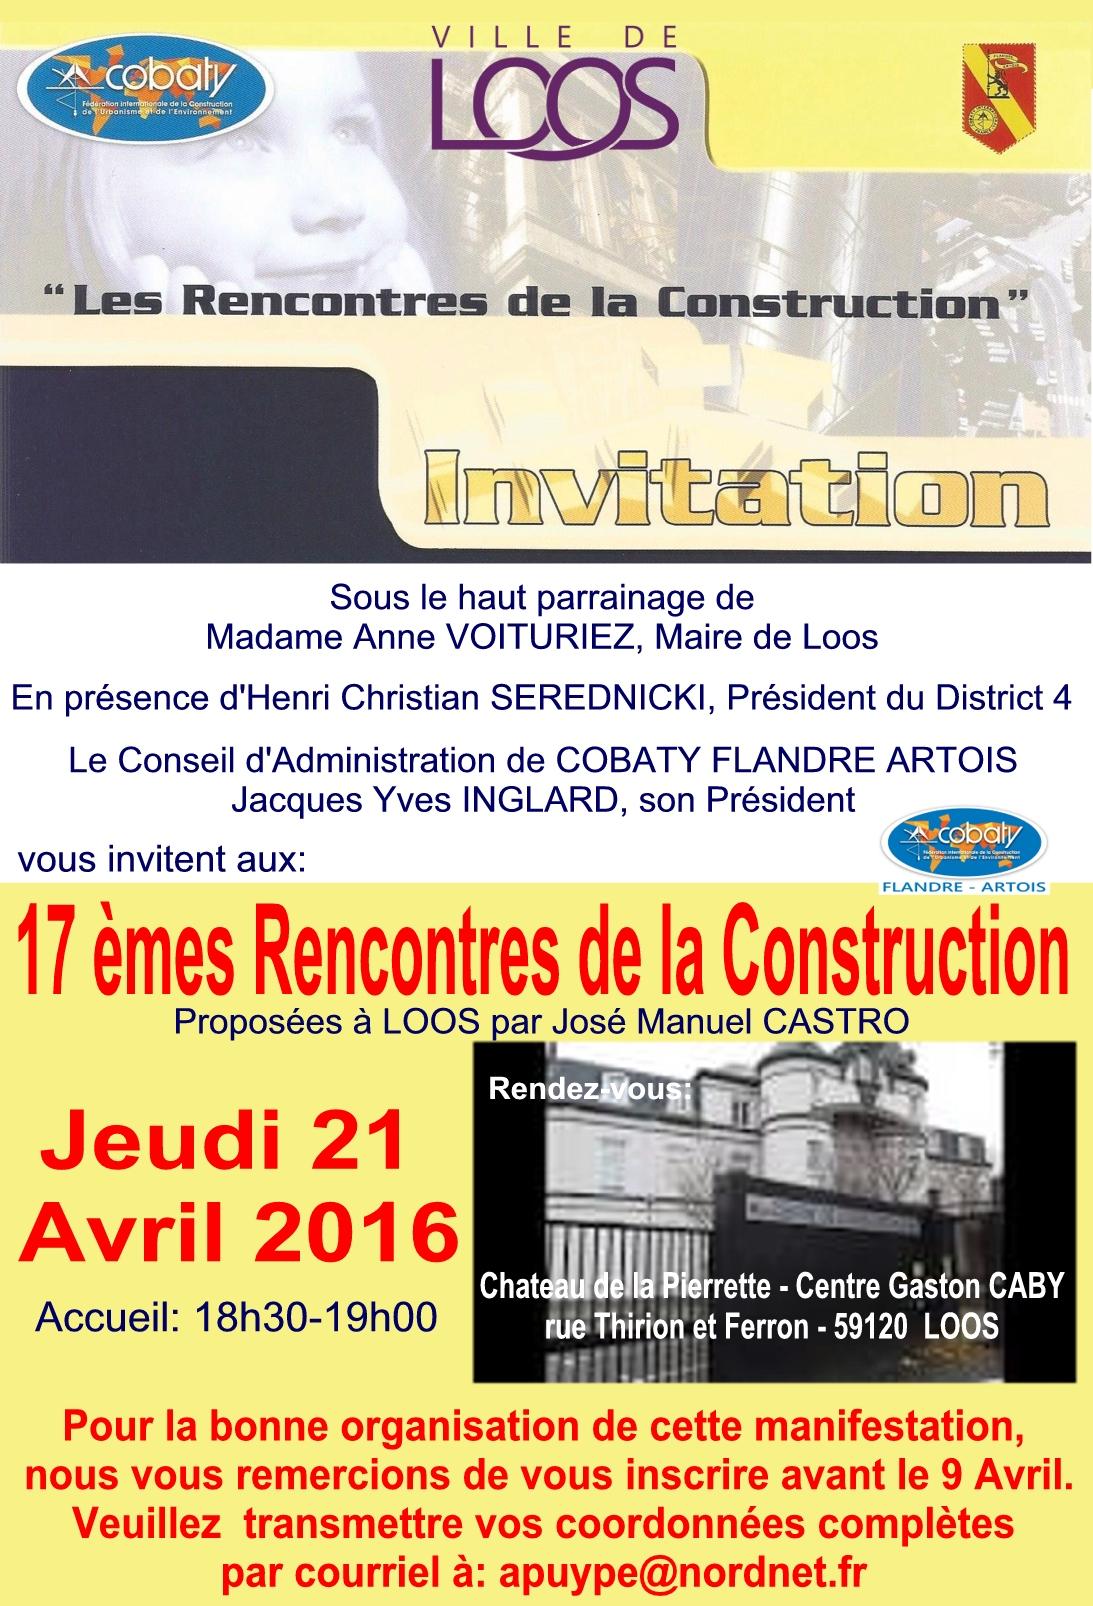 2016 Invitation Rencontres de la construction COBATY